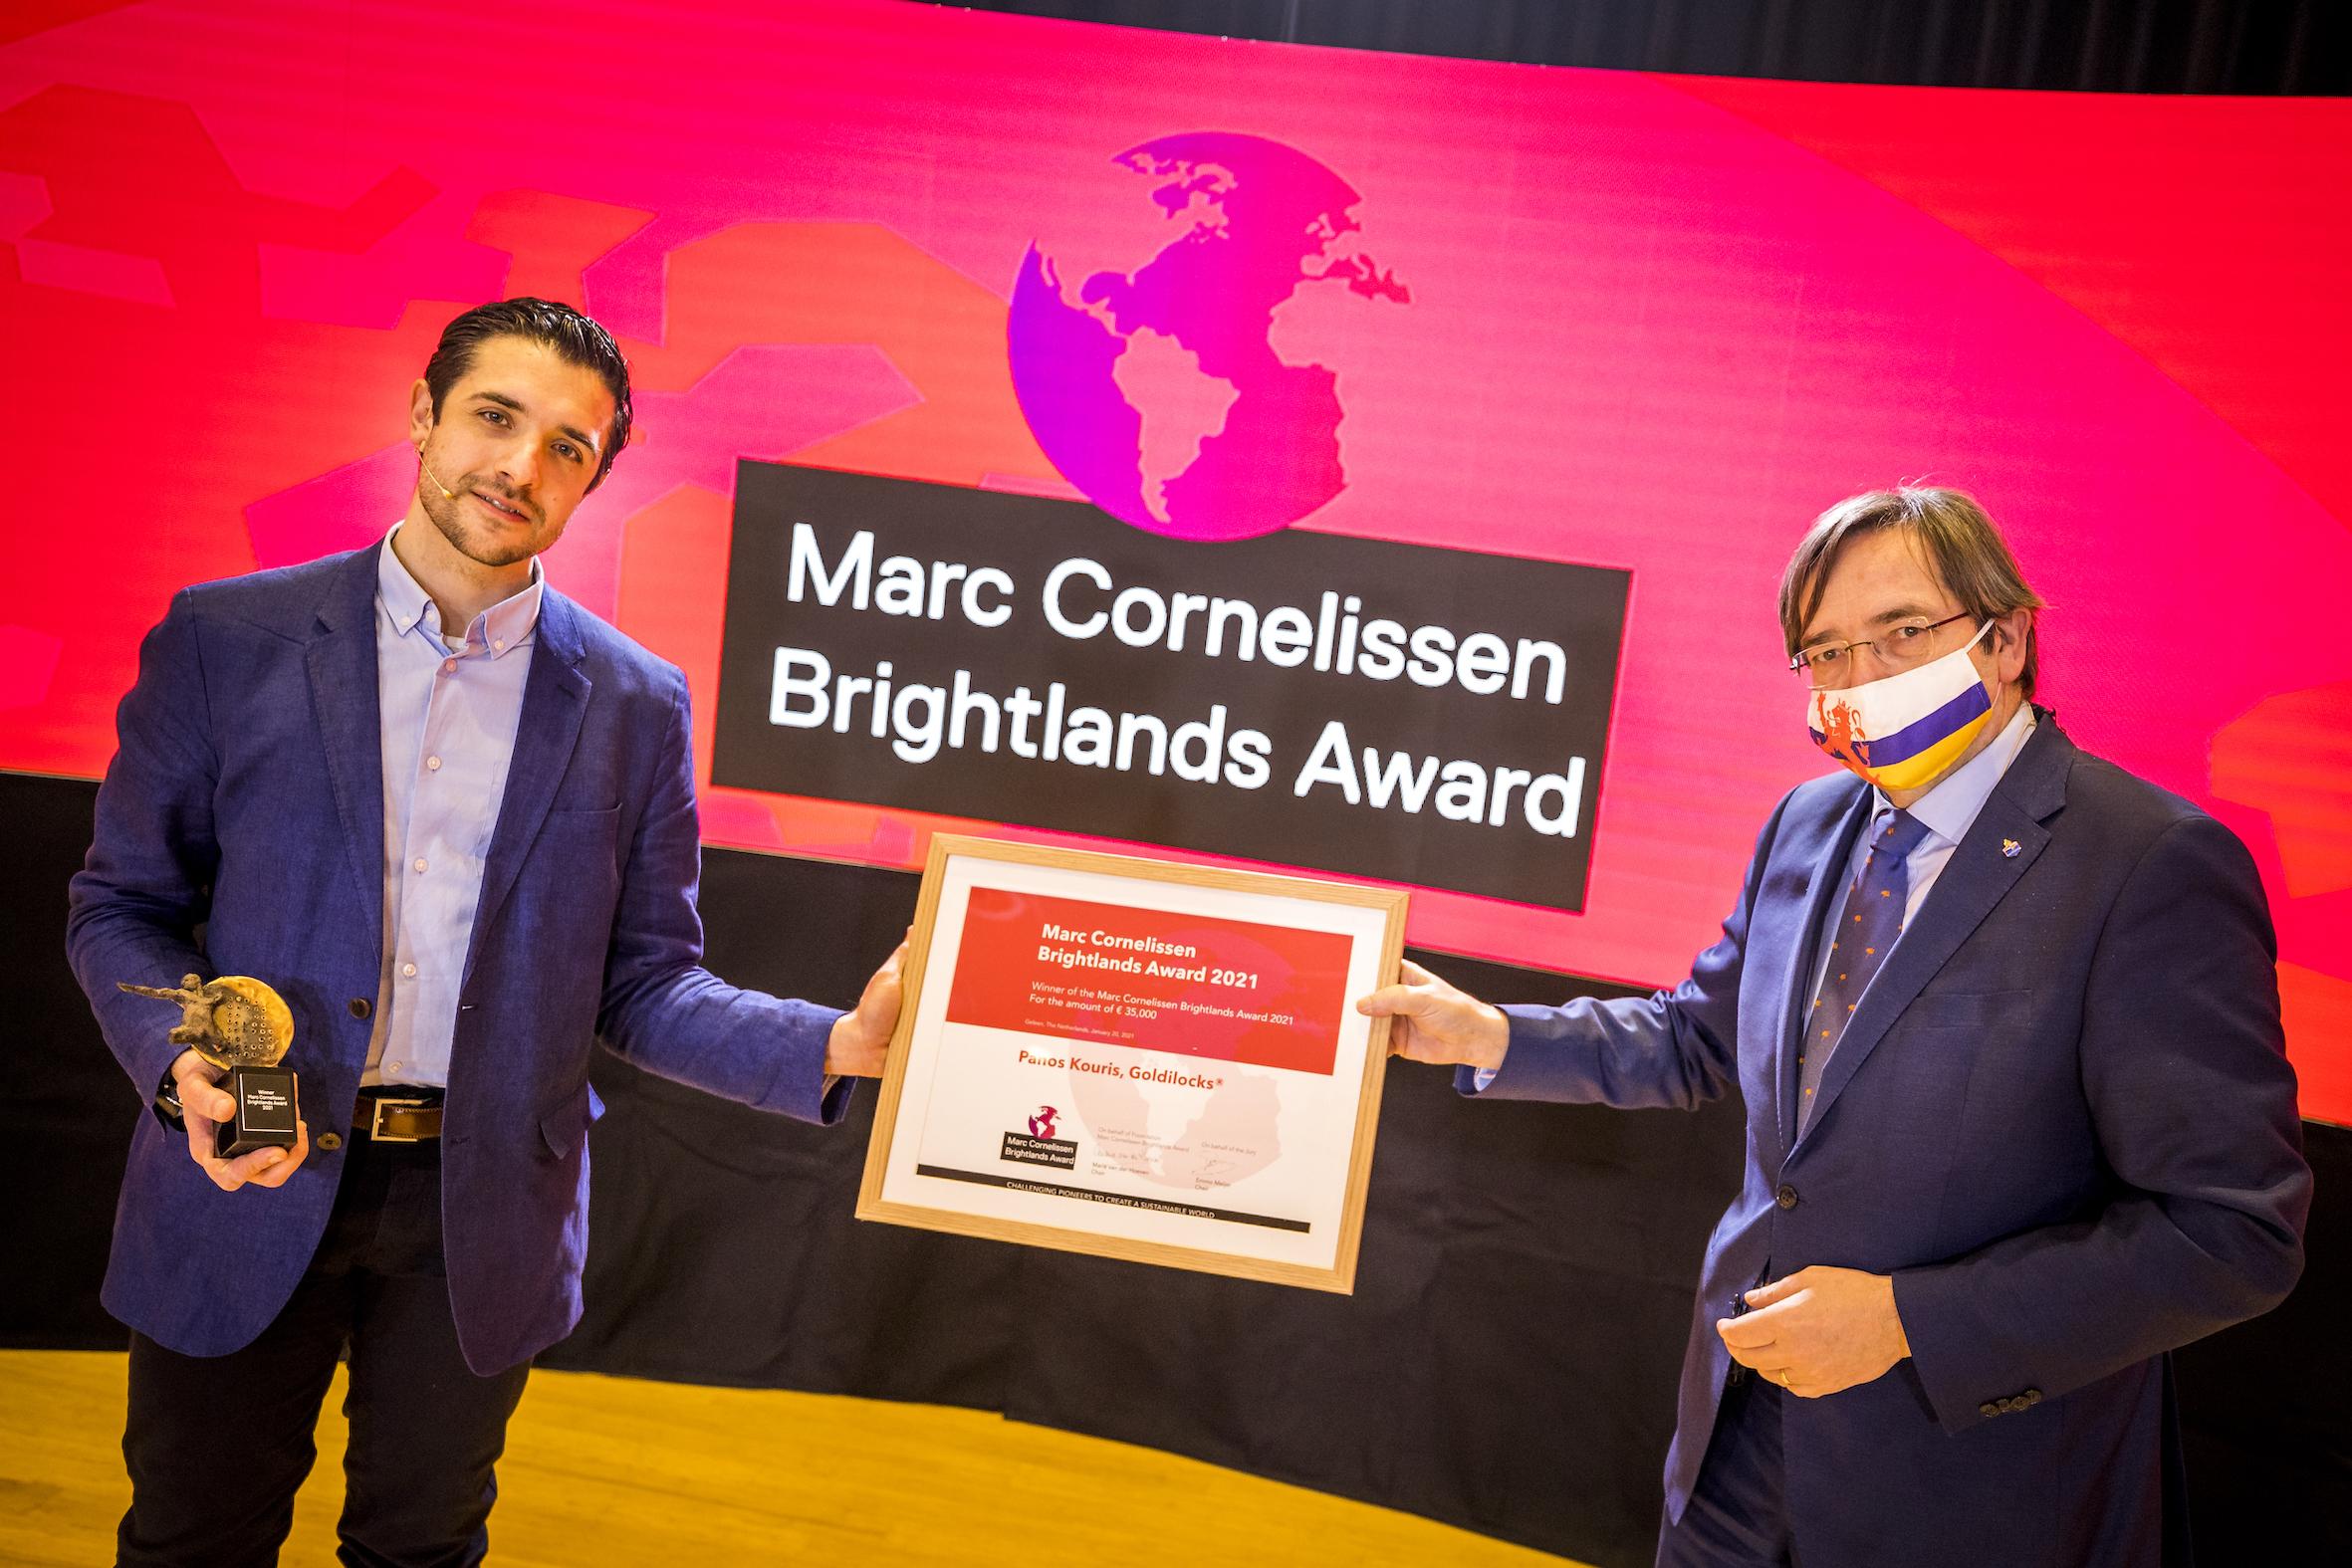 Marc Cornelissen Brightlands Award naar Panos Kouris